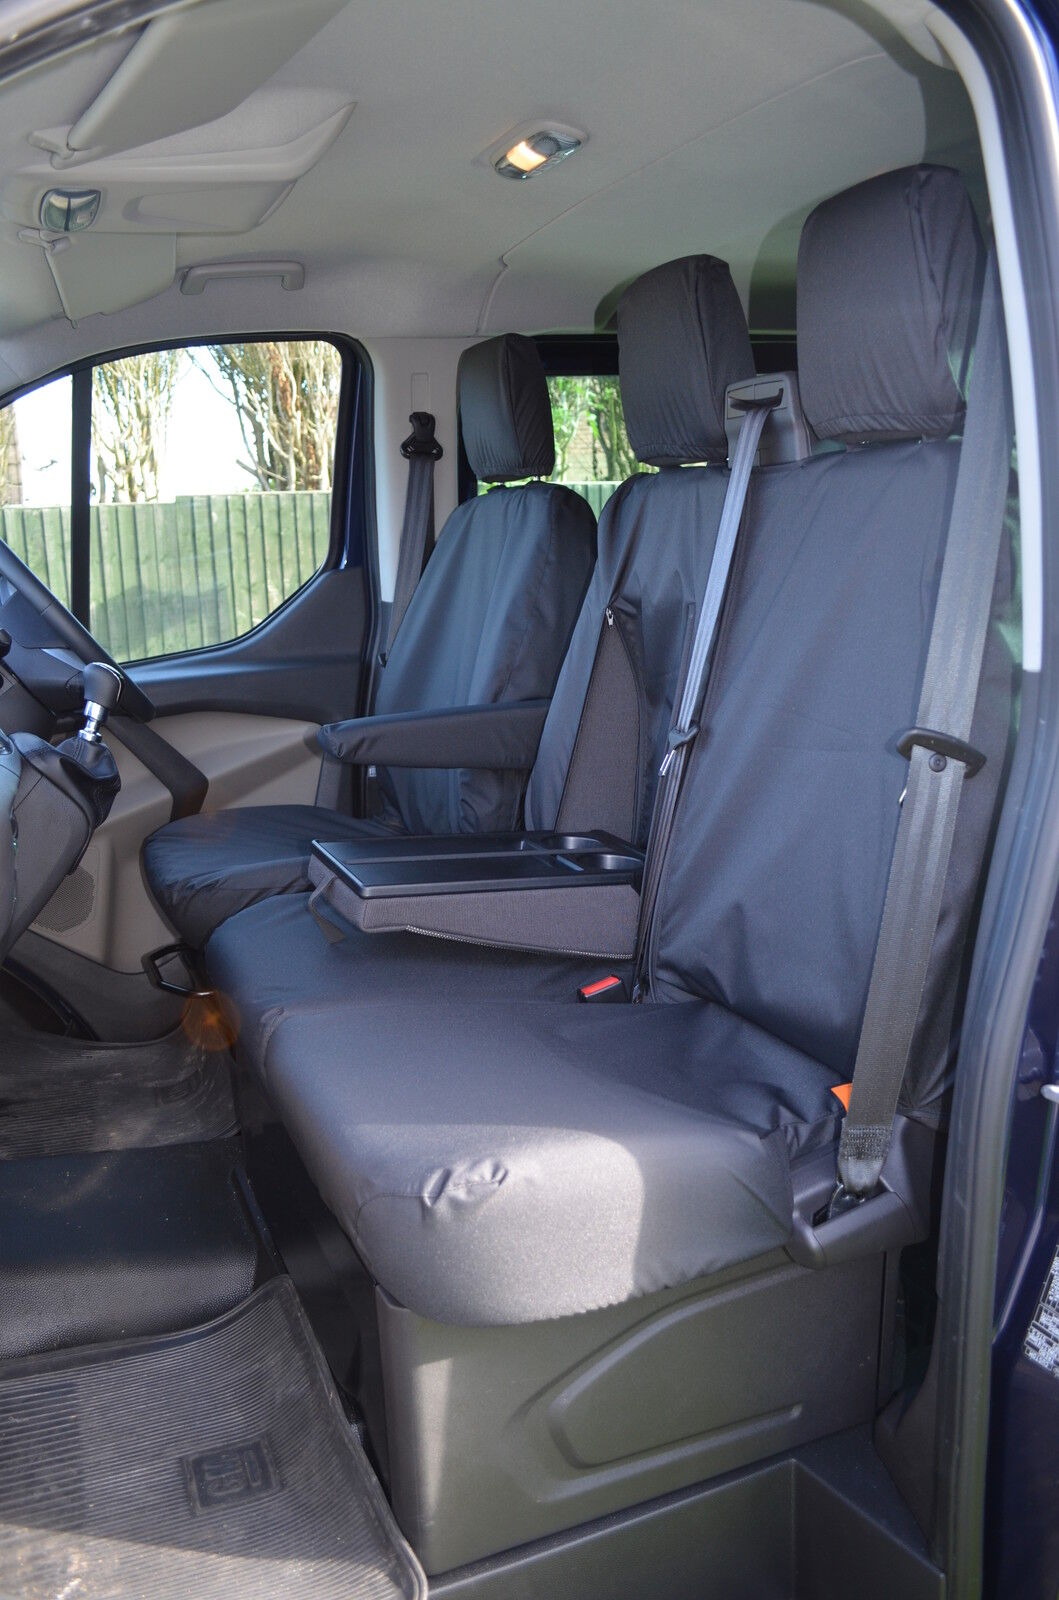 Black Van Seat Covers protectors 100/% WATERPROOF FORD TRANSIT TIPPER VAN